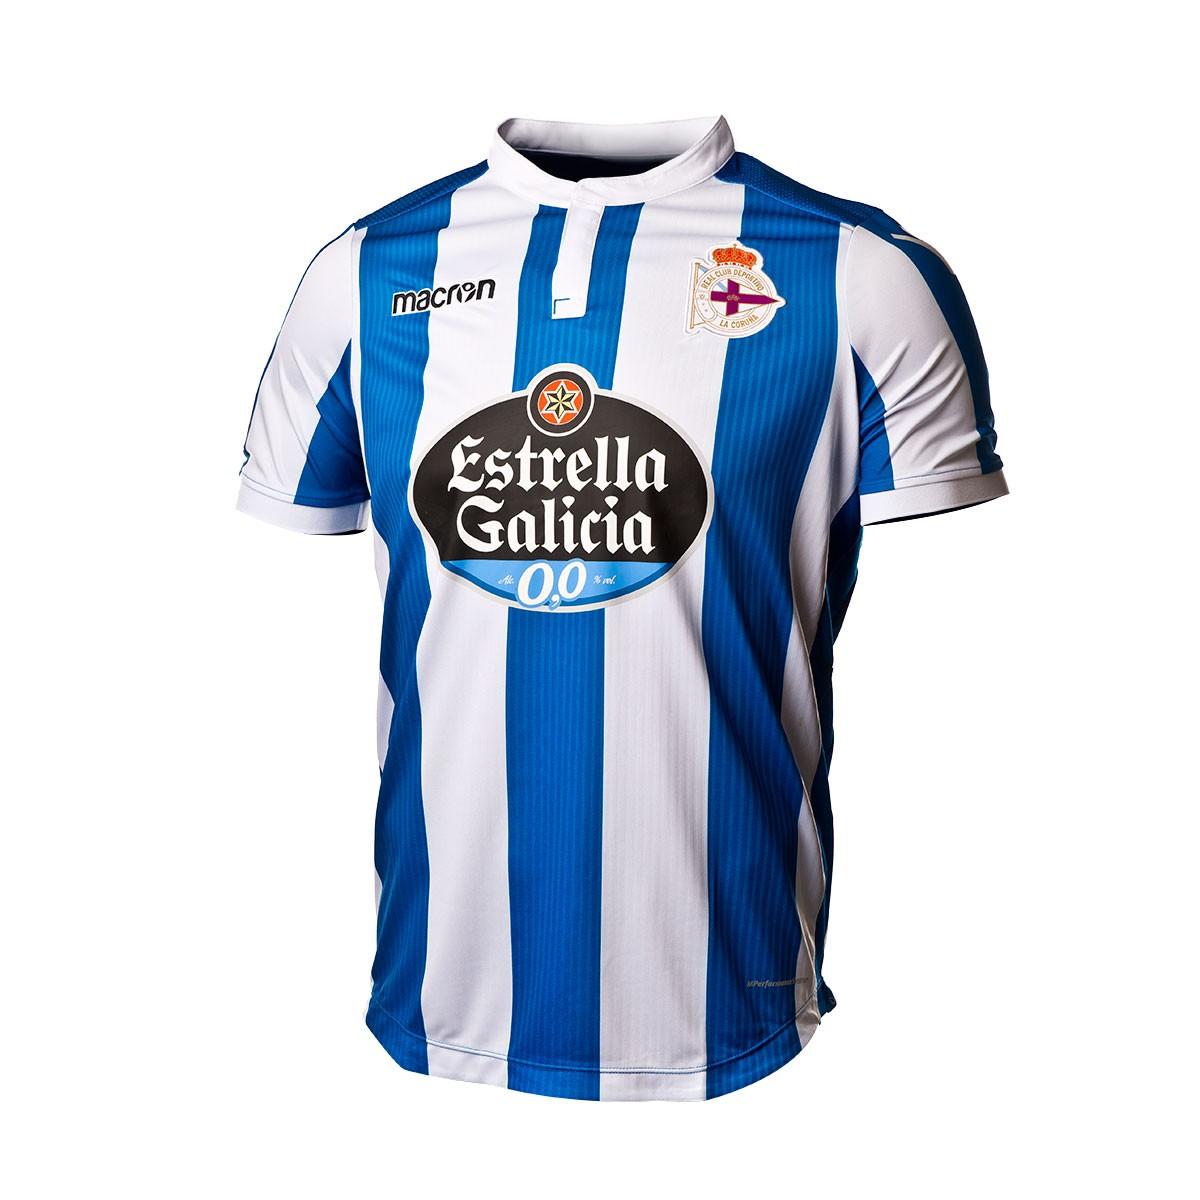 633c3a2d9 Jersey Macron RC Deportivo La Coruña 2018-2019 Home Royal-White - Football  store Fútbol Emotion